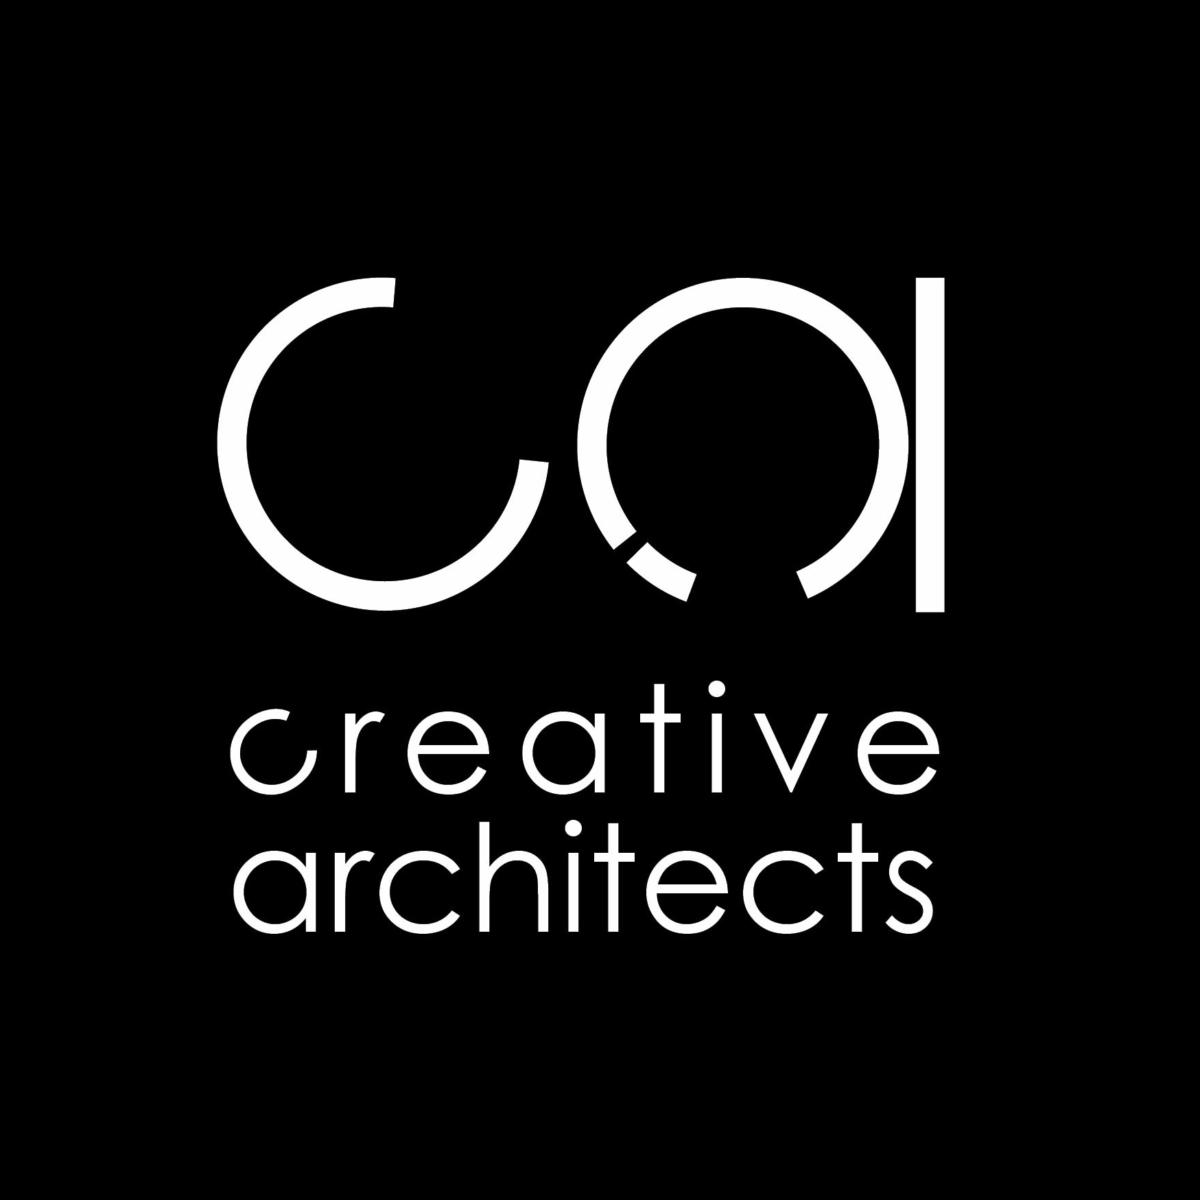 """Το αρχιτεκτονικό γραφείο """"Creative Architects"""", αναζητά αρχιτέκτονα για μόνιμη απασχόληση."""